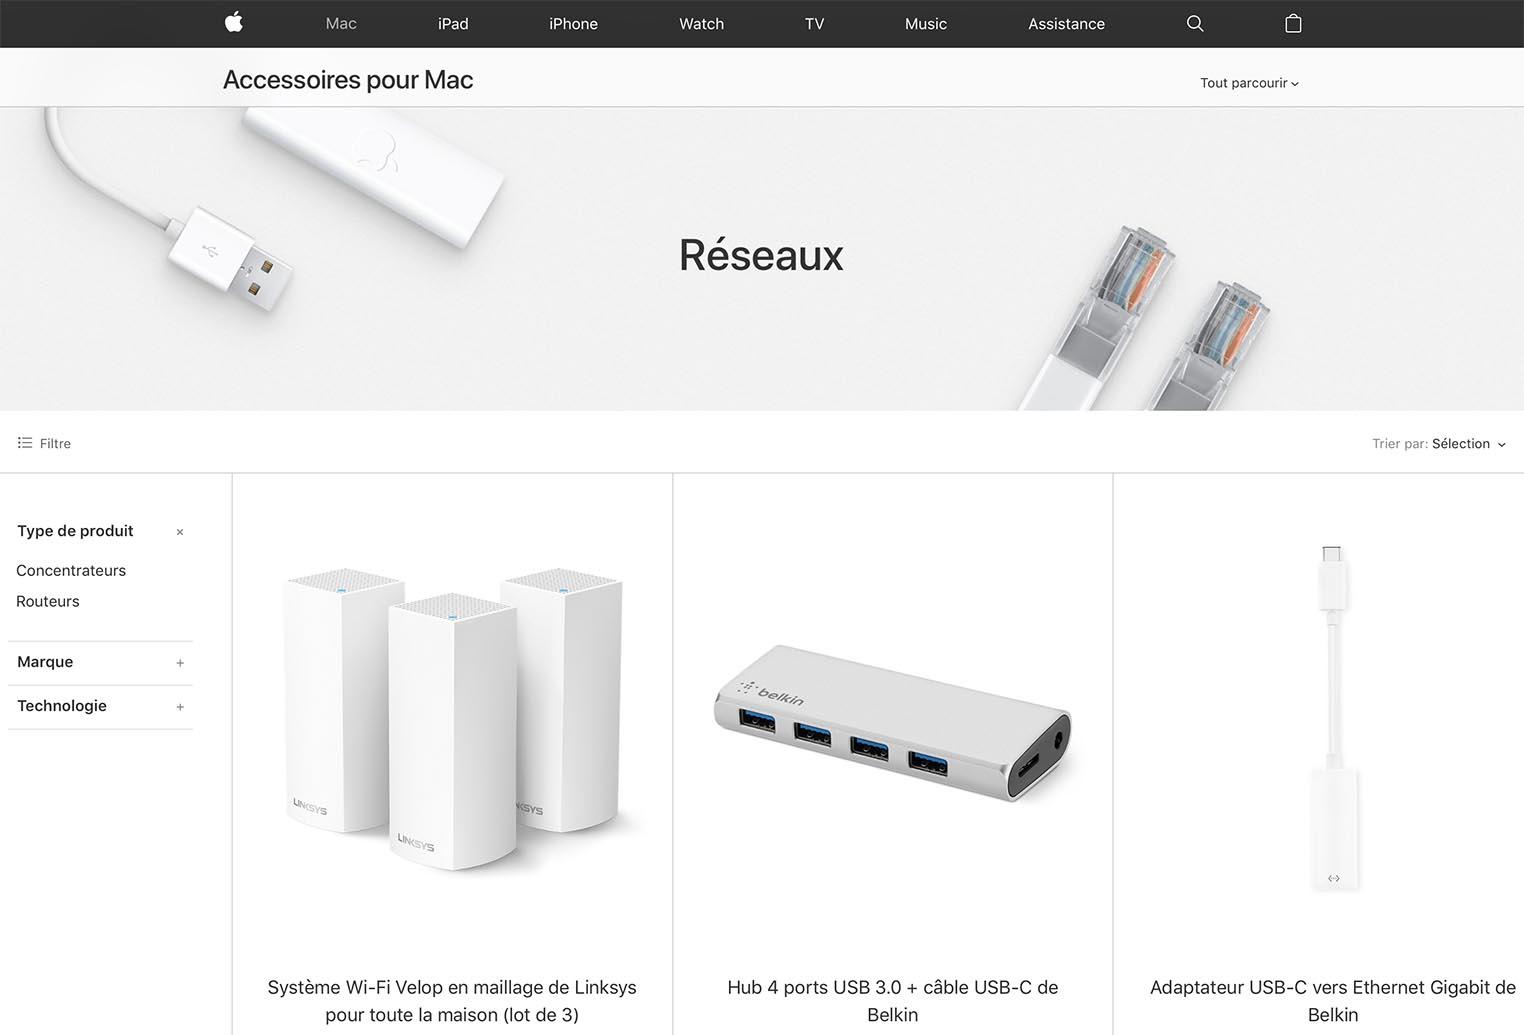 Apple Store réseaux